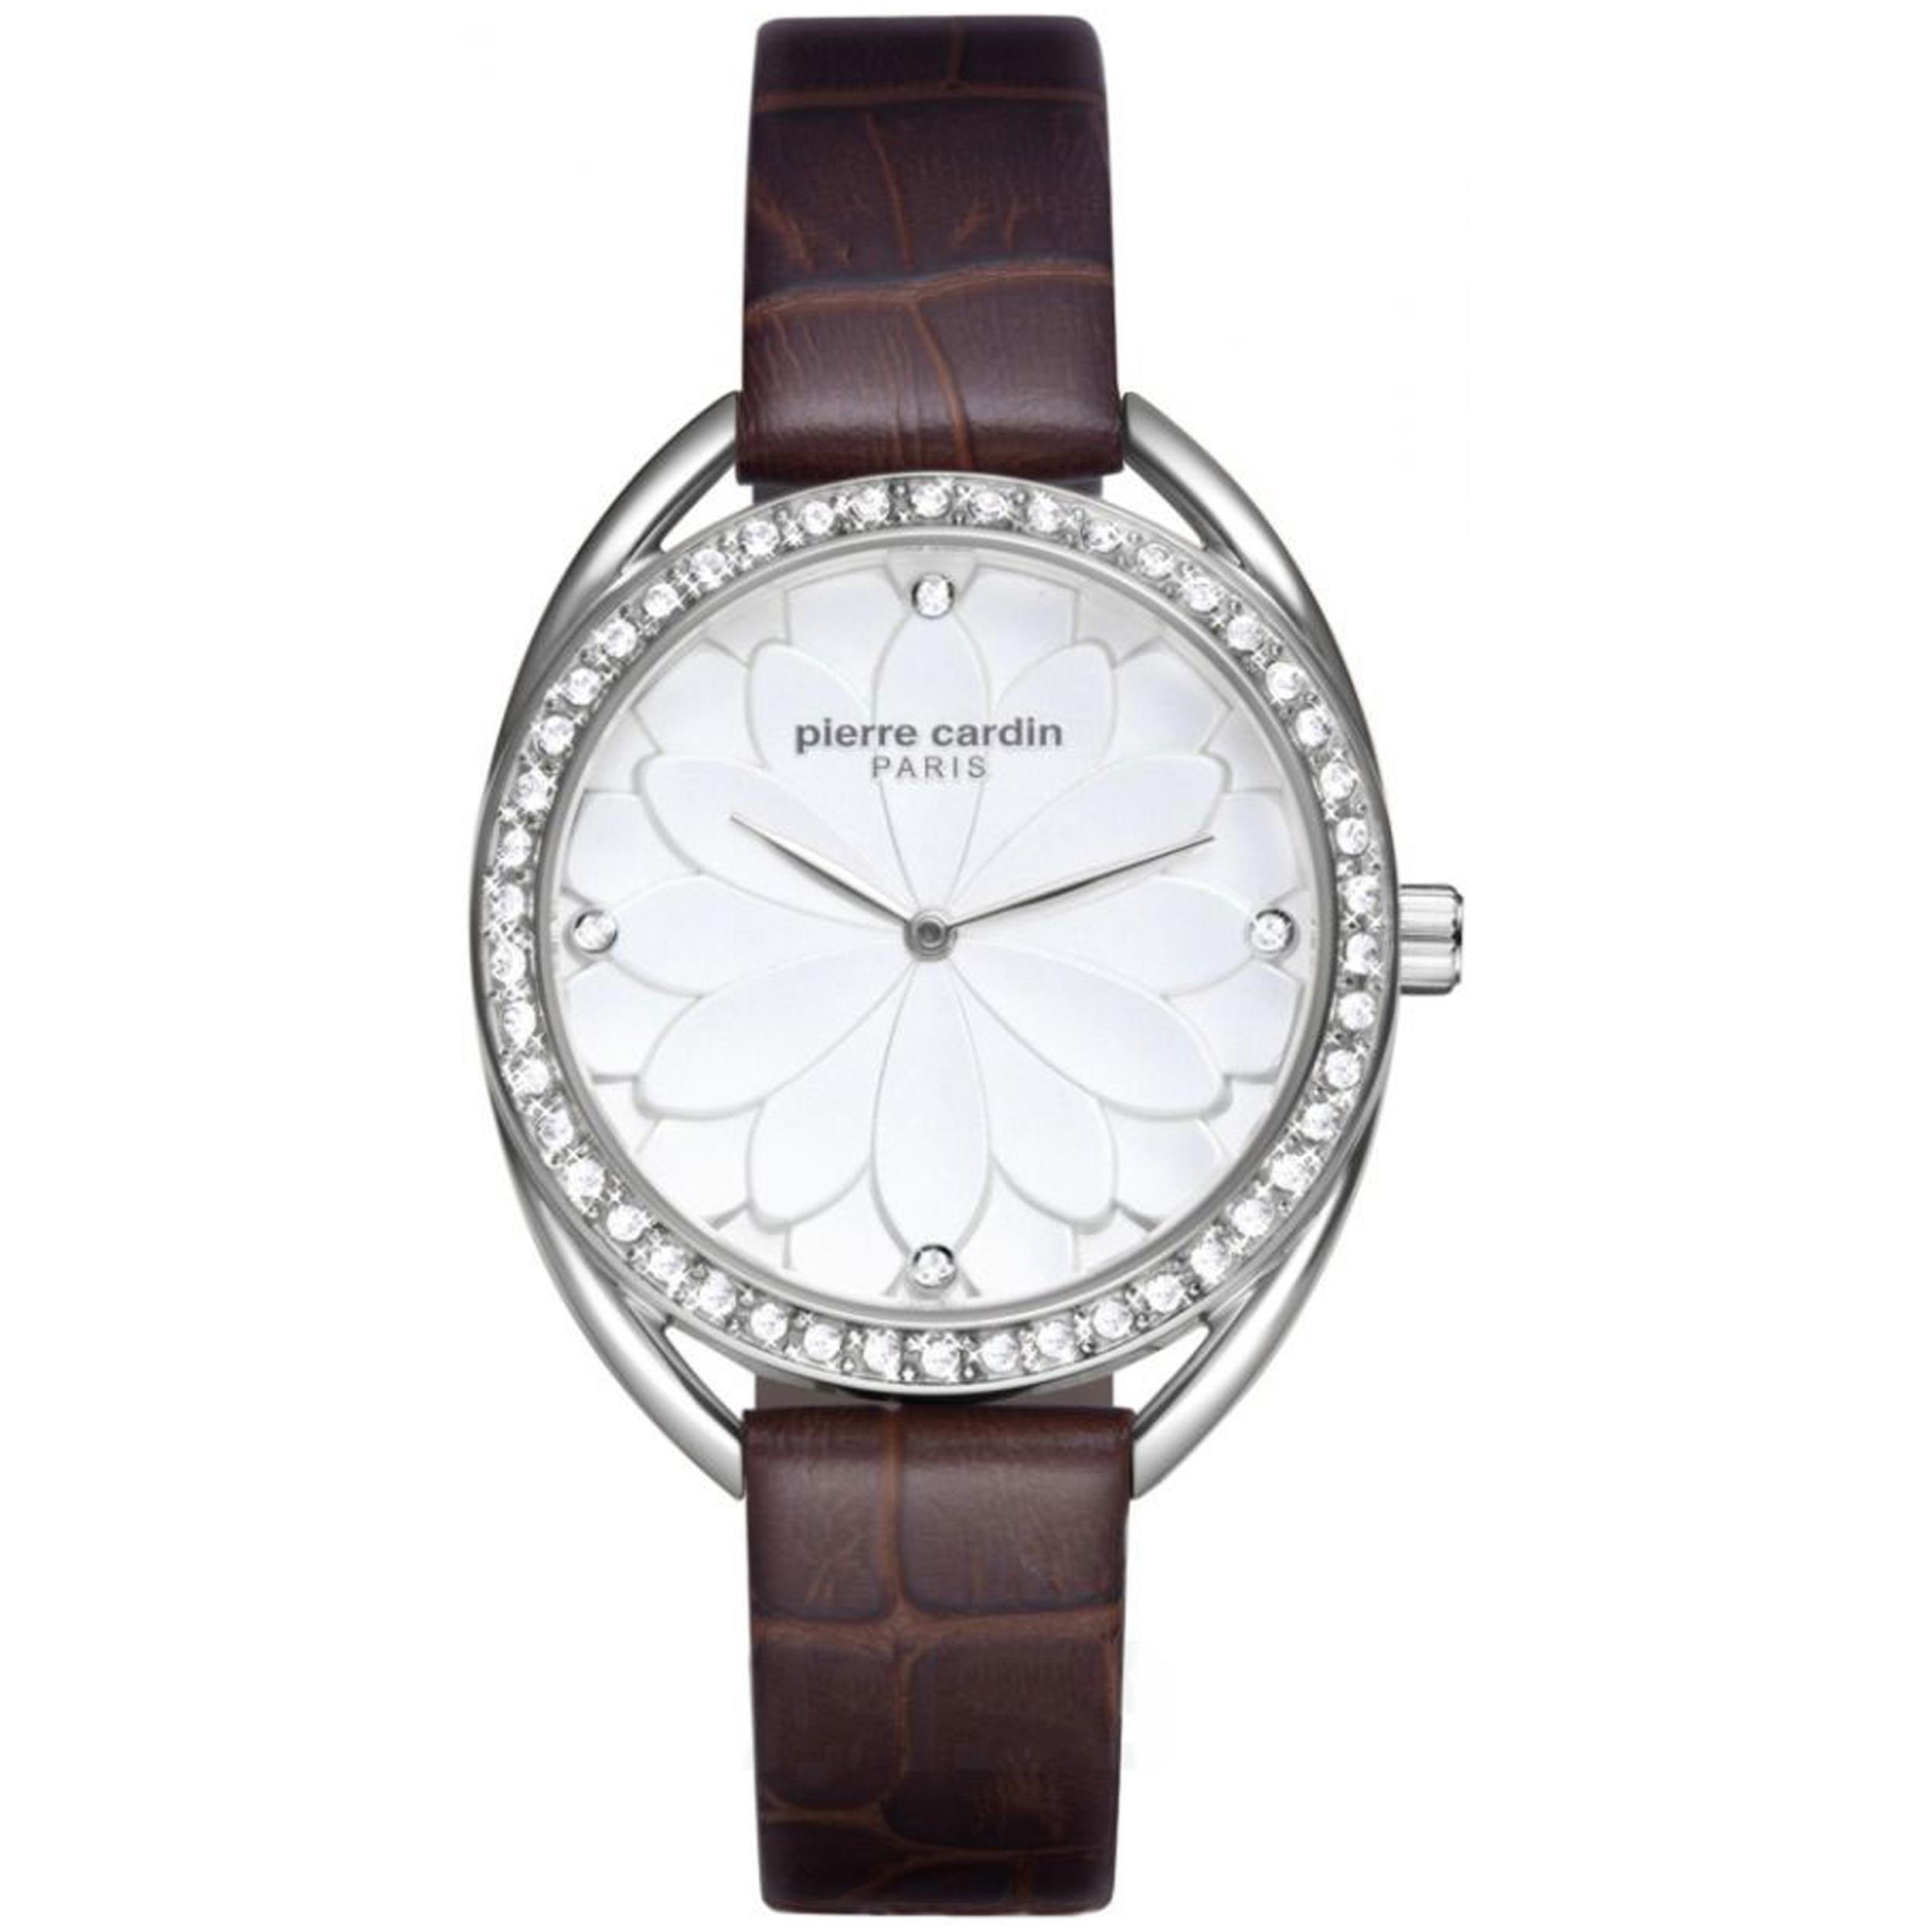 ساعت مچی عقربه ای زنانه پیر کاردین مدل PC902392F01